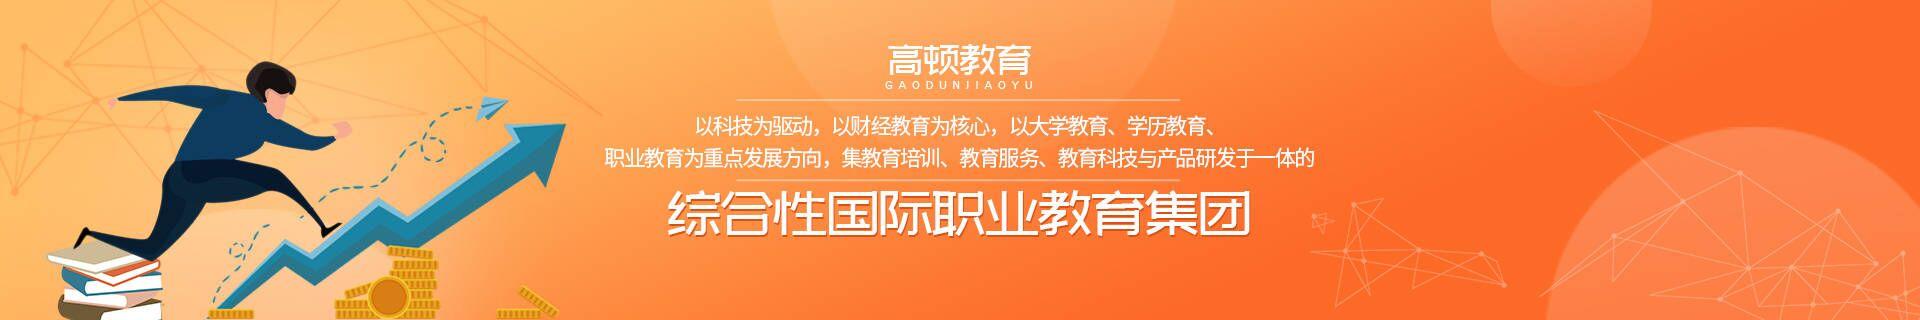 重庆高顿财经沙坪坝校区